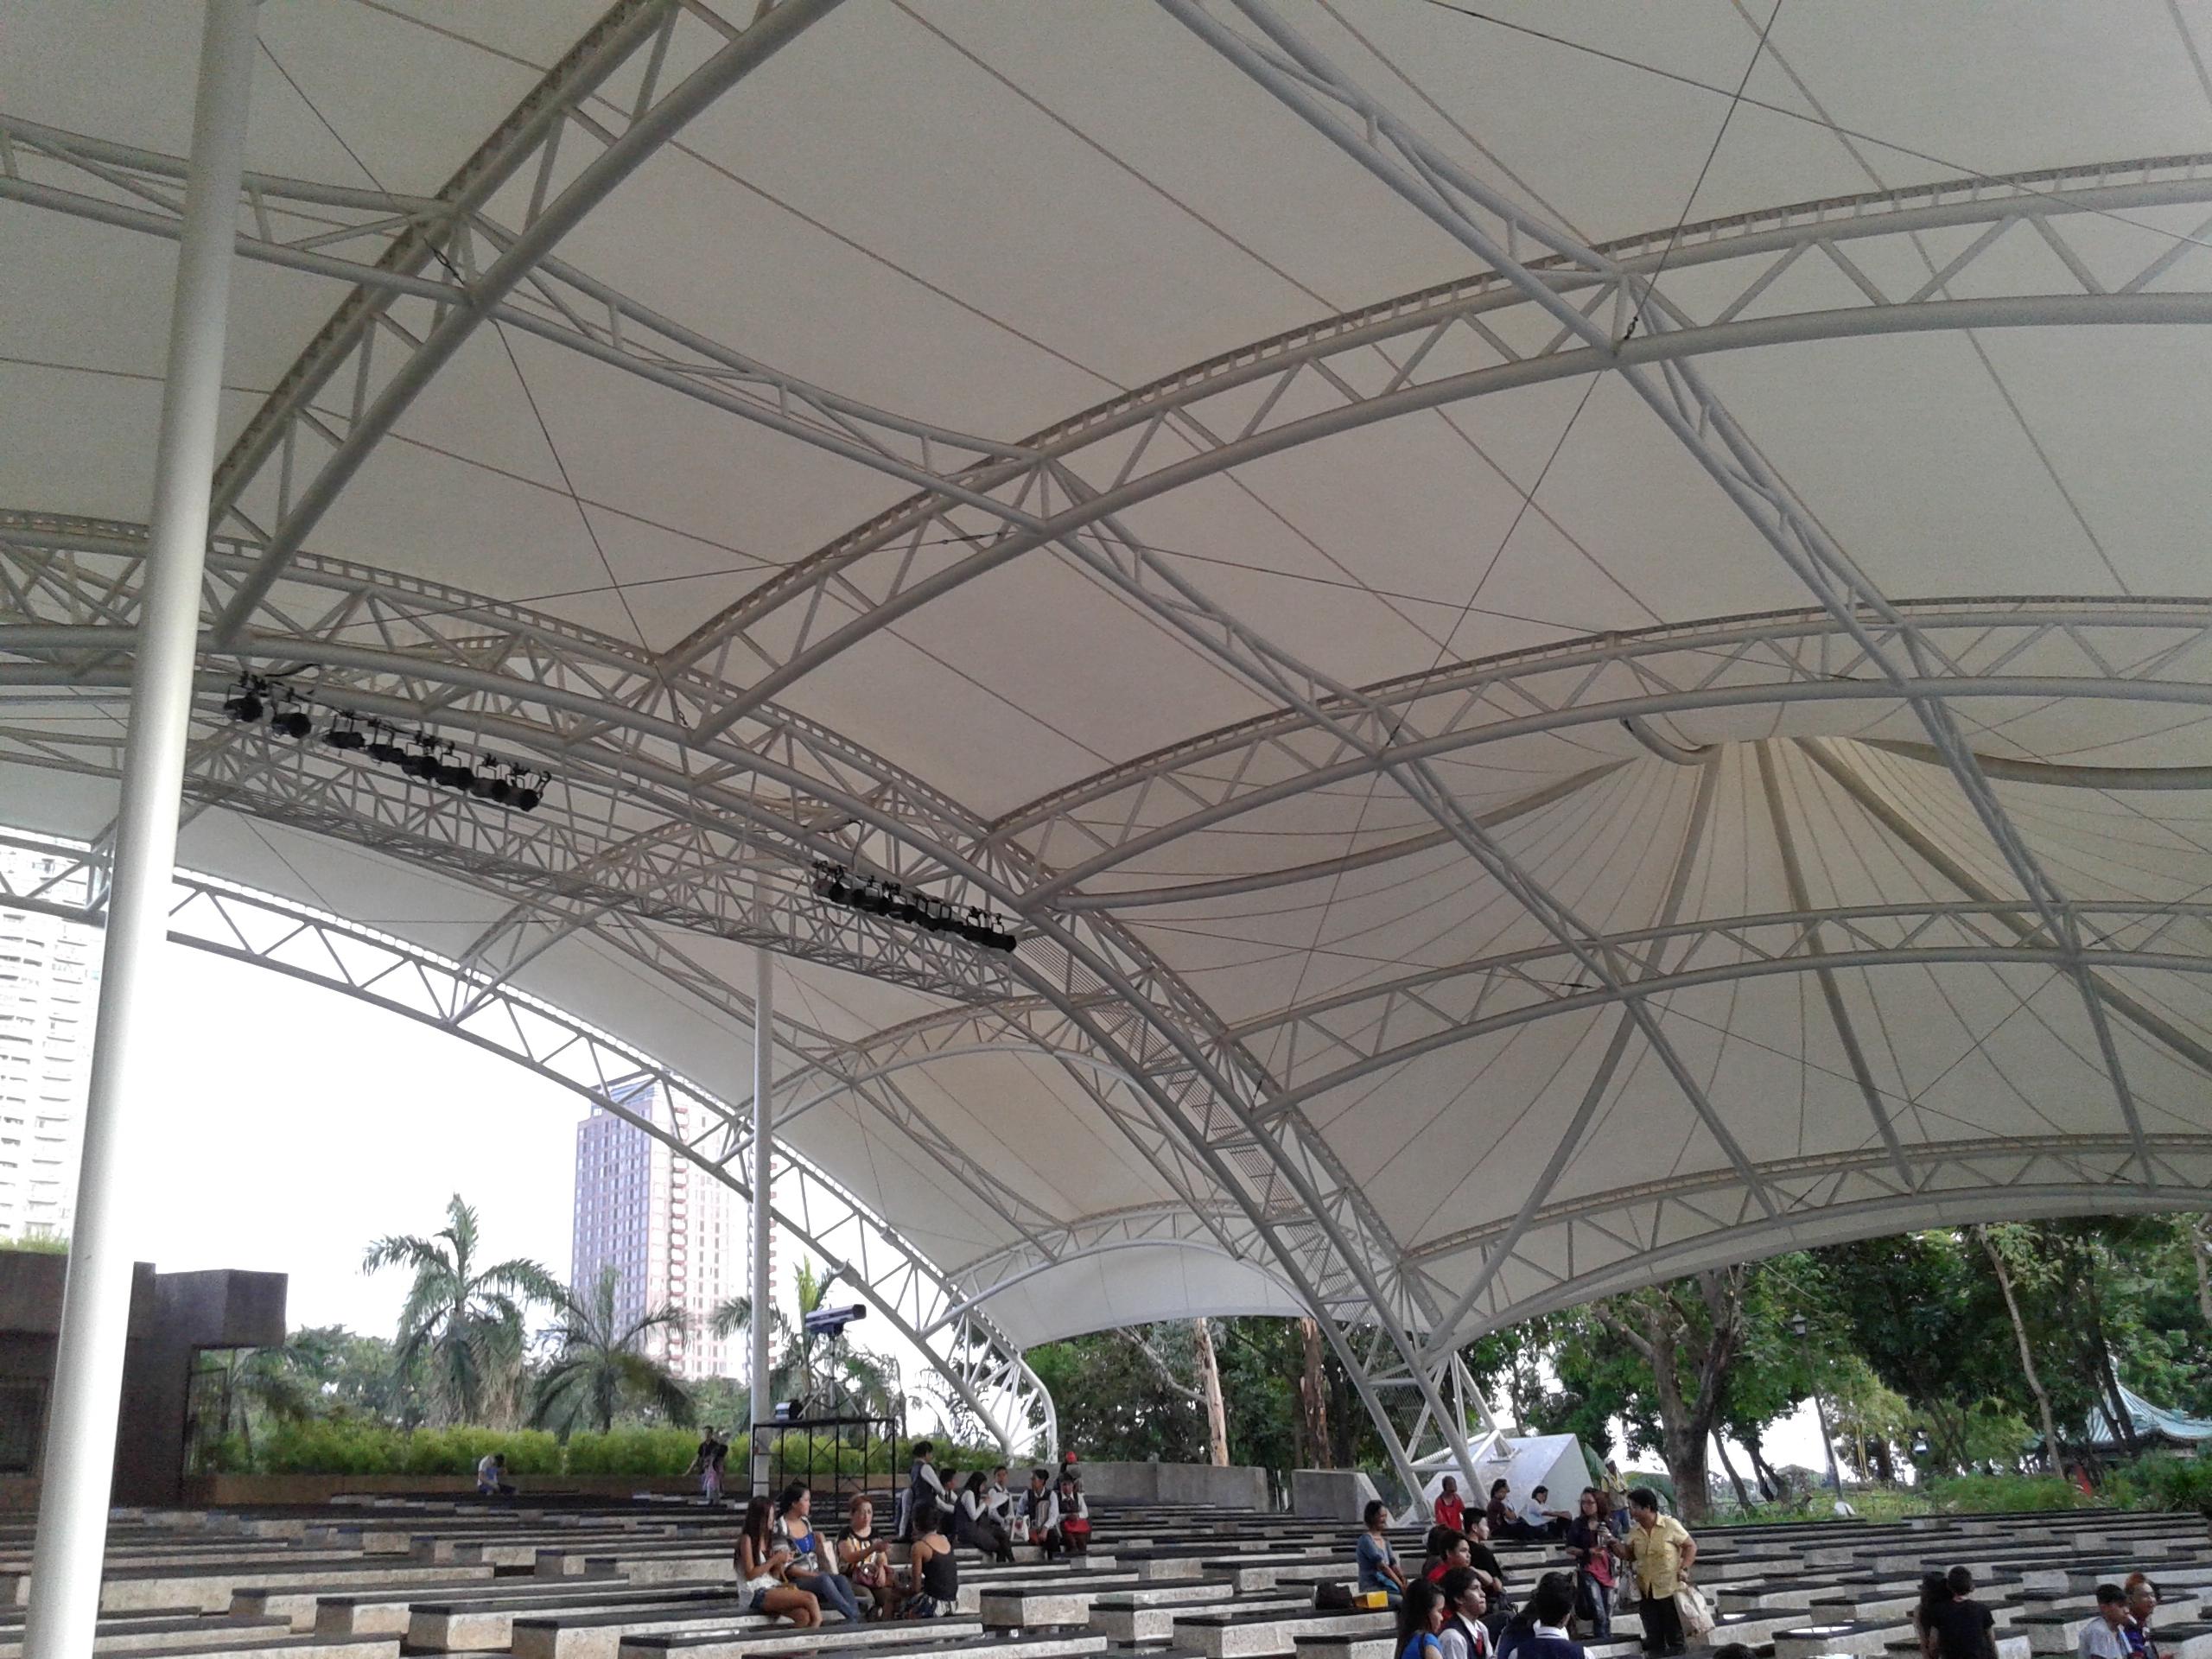 Rizal park open air auditorium